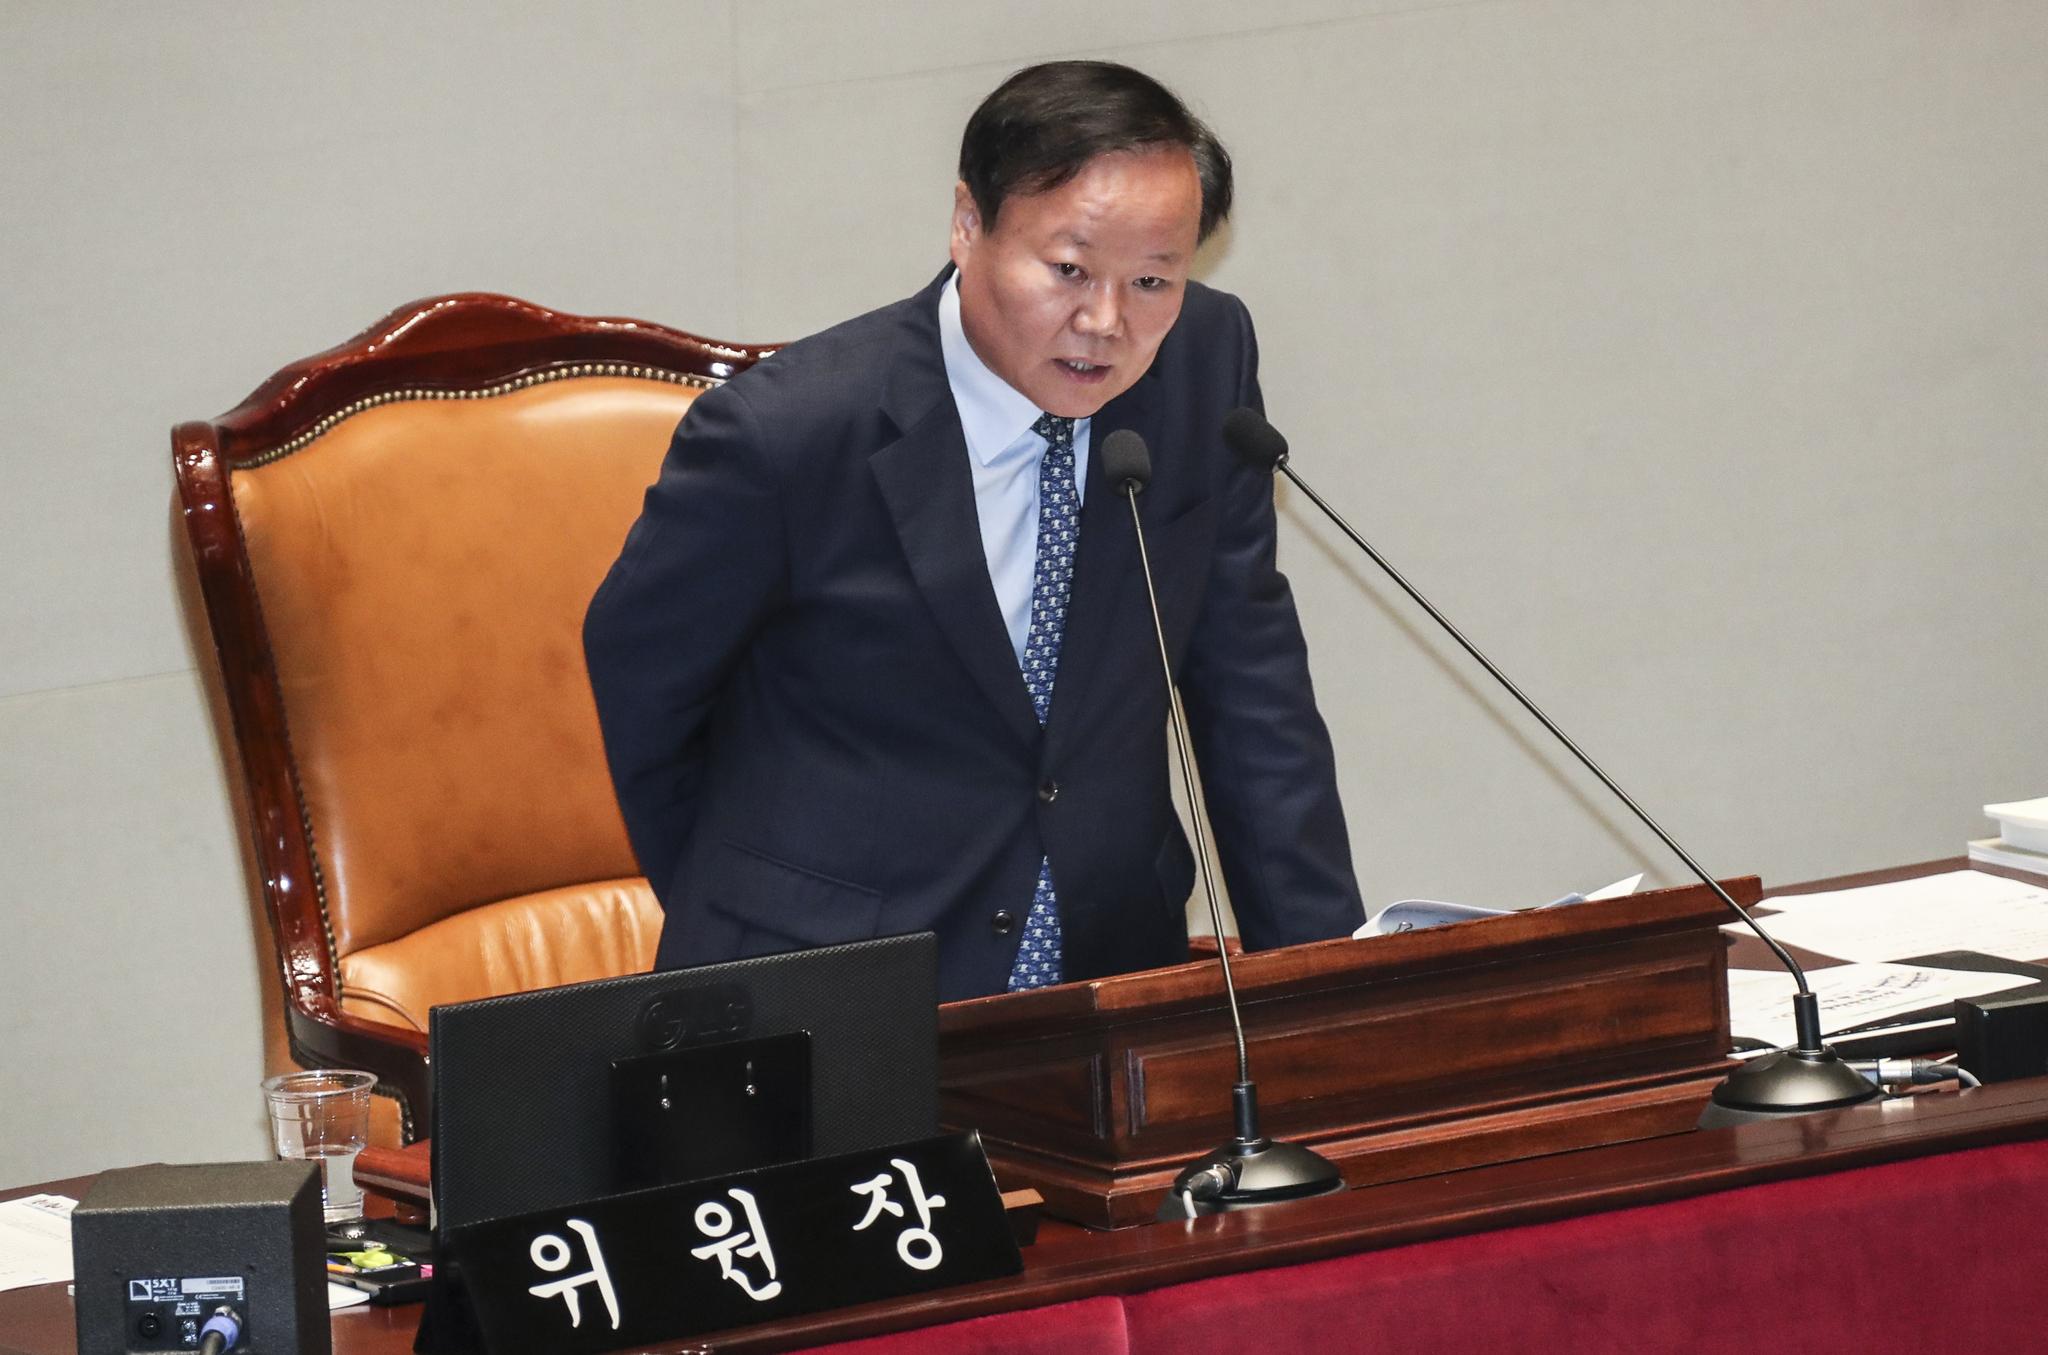 김재원 예산결산위원장이 15일 국회 예결위장에서 열린 전체회의에서 발언하고 있다. 임현동 기자